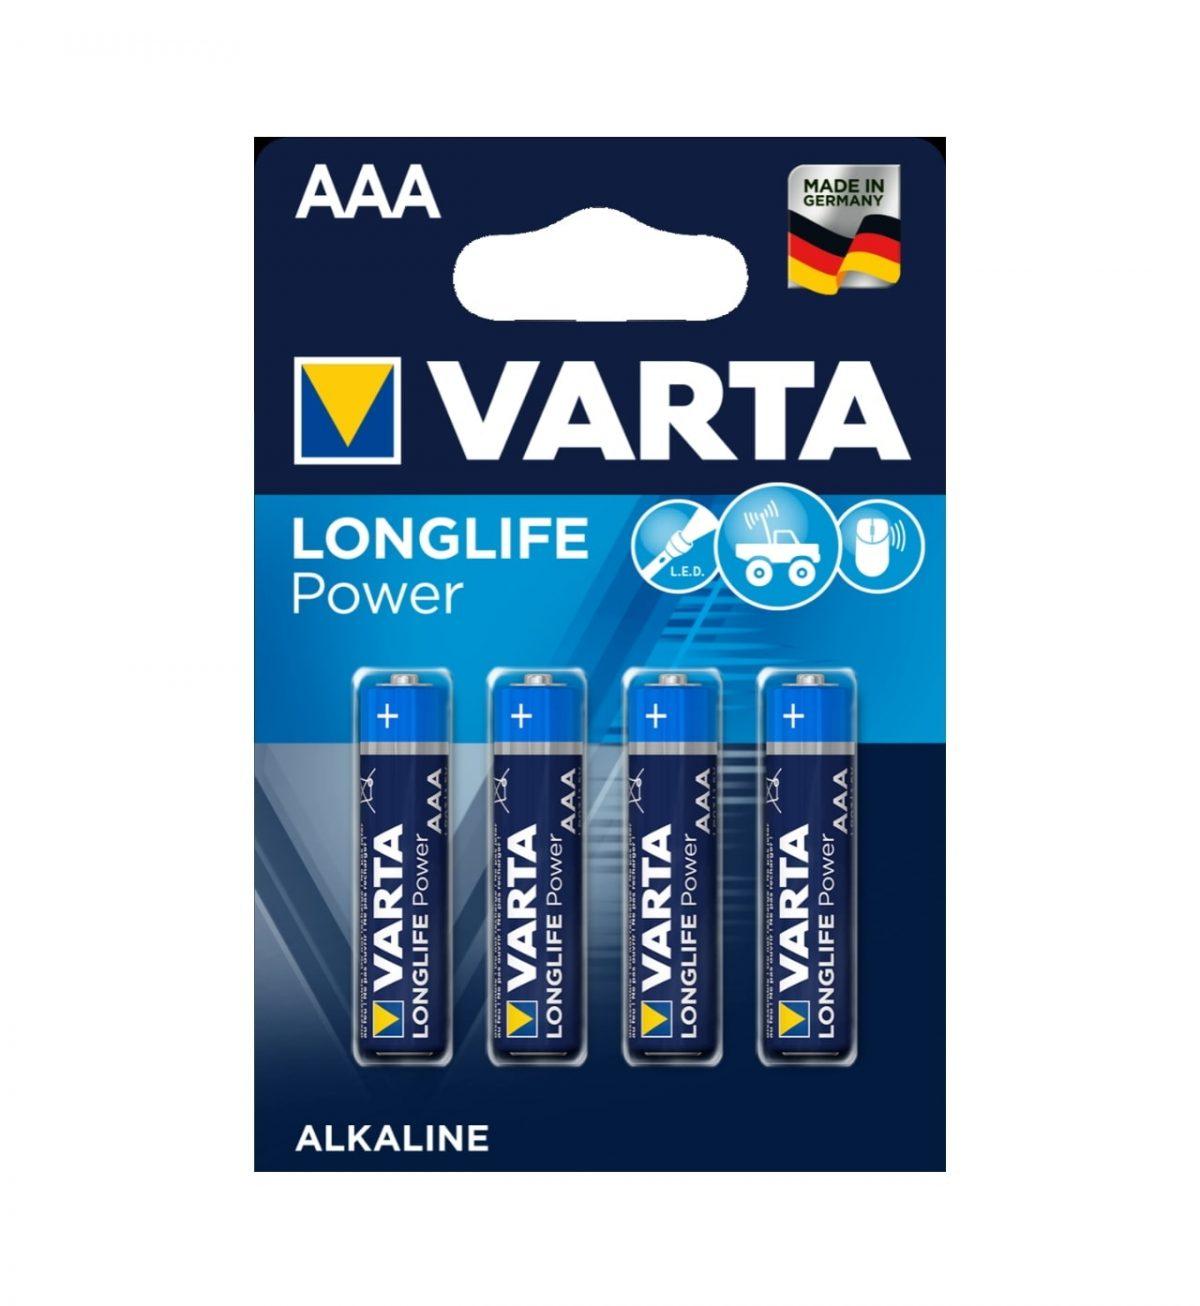 AAA Batterier, 4stk - Kraftige batterier i flerpakning - Varta